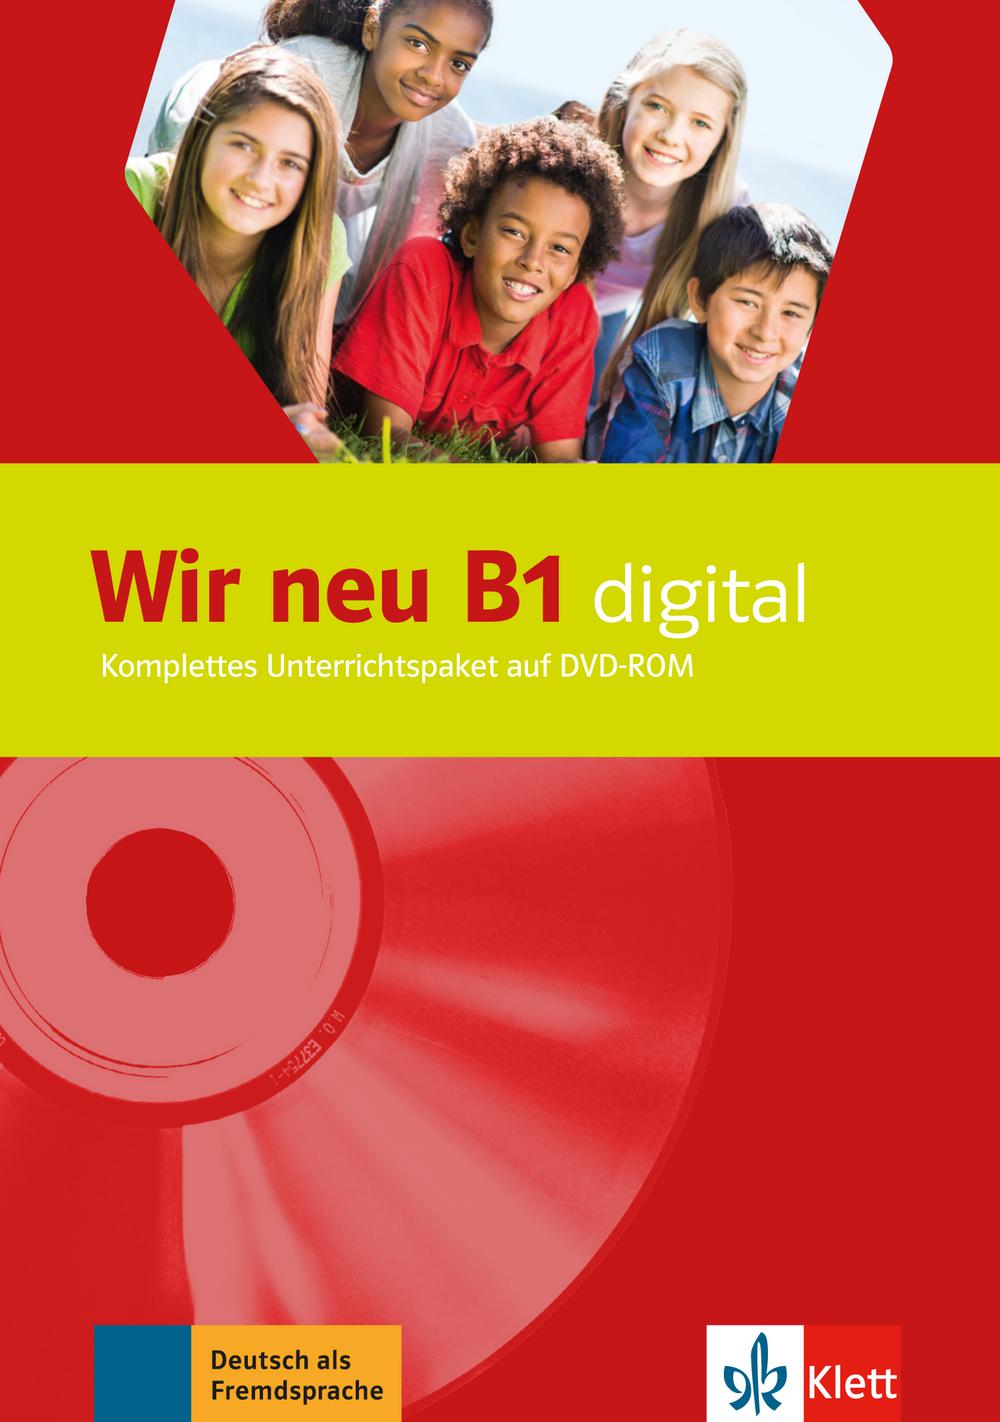 Wir neu B1 digital